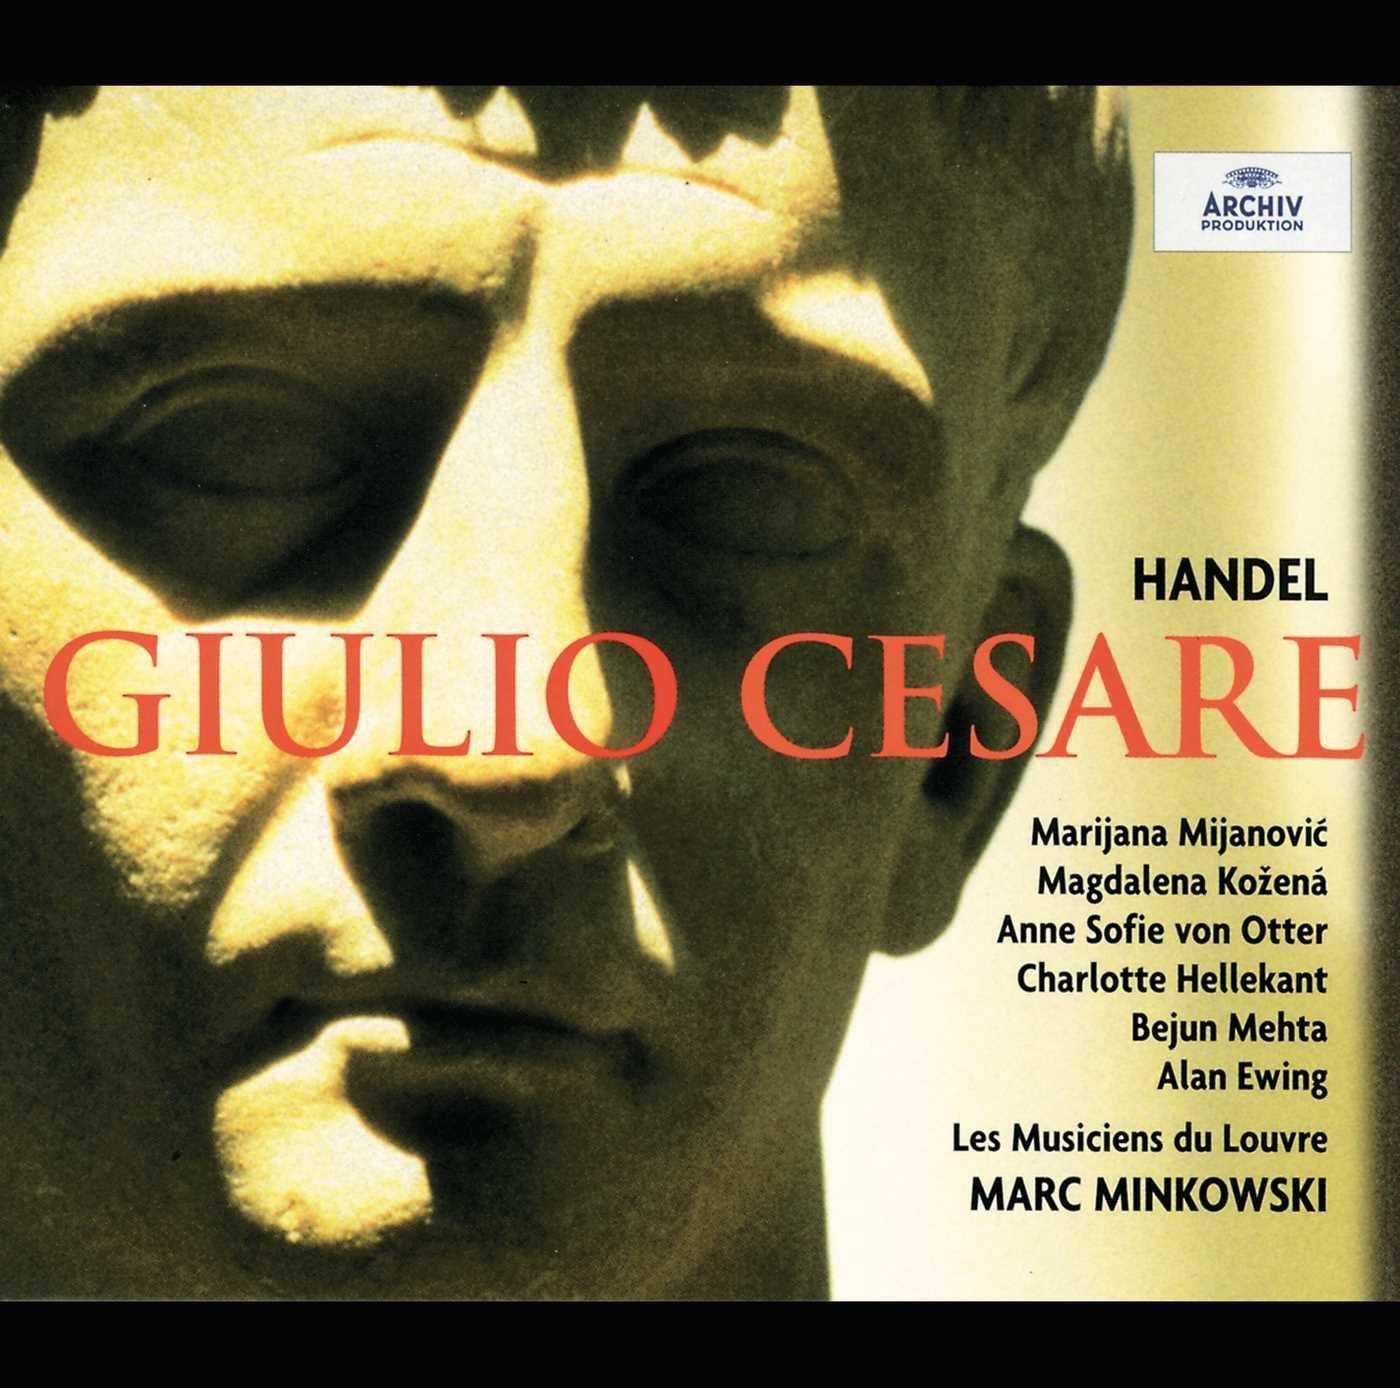 Handel: Giulio Cesare by Archiv